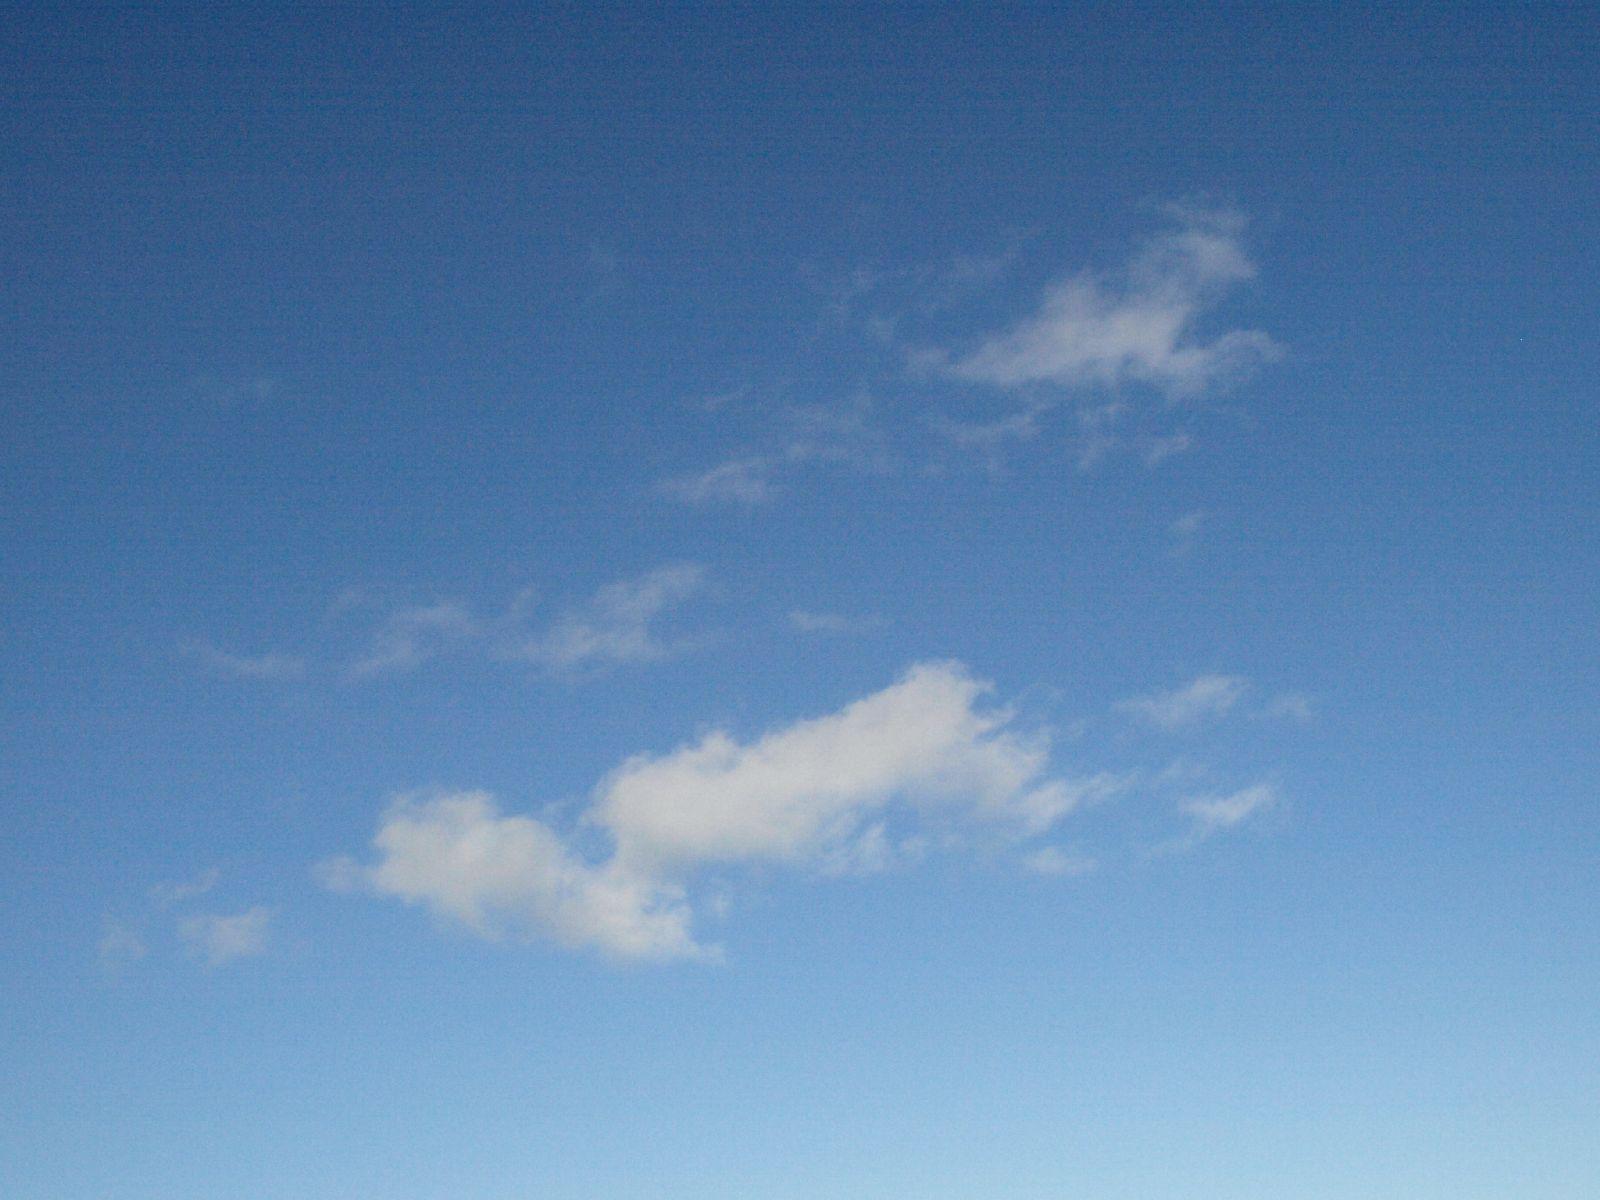 Himmel-Wolken-Foto_Textur_A_P5224073